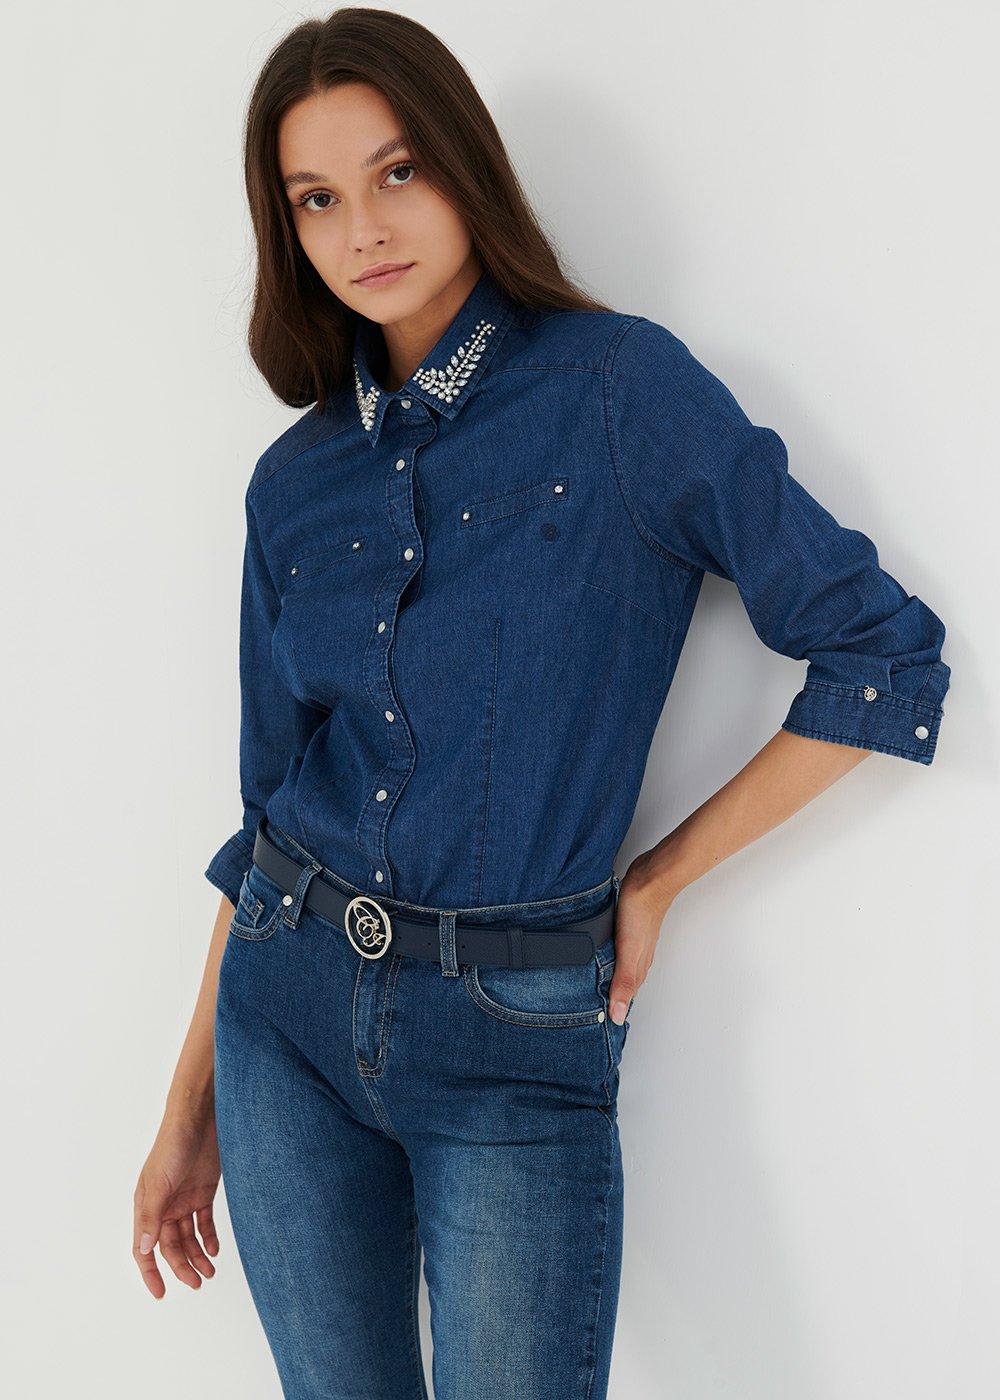 Camicia Cris in denim con strass sul colletto - Denim - Donna